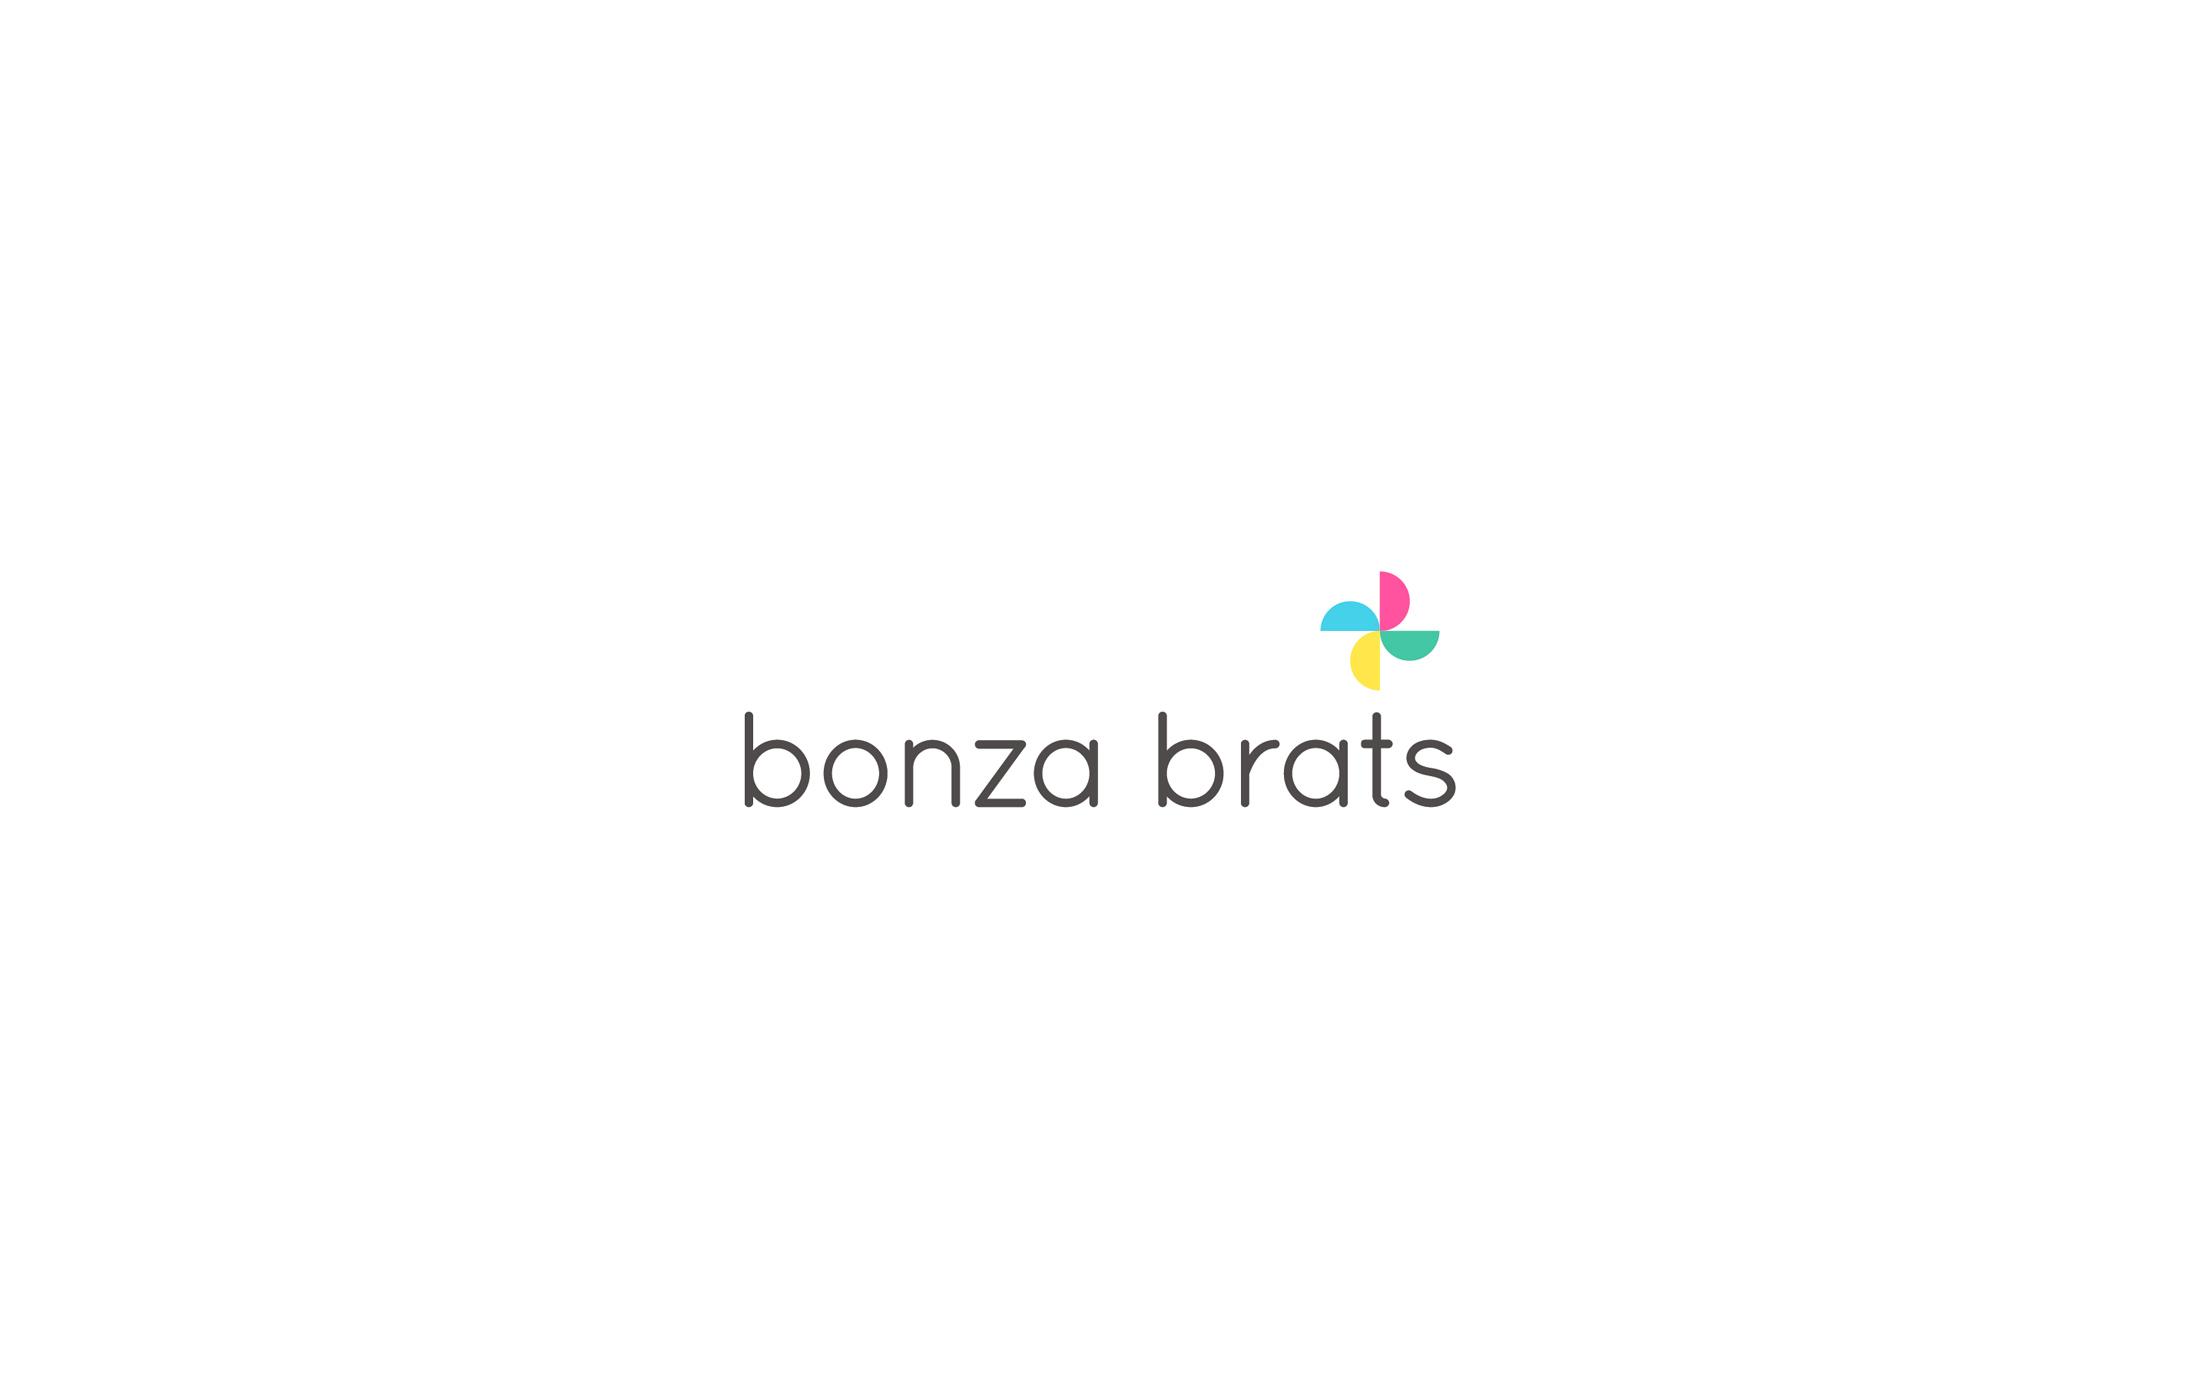 bonza-brats-bondi-retail-shop-brand-design-1